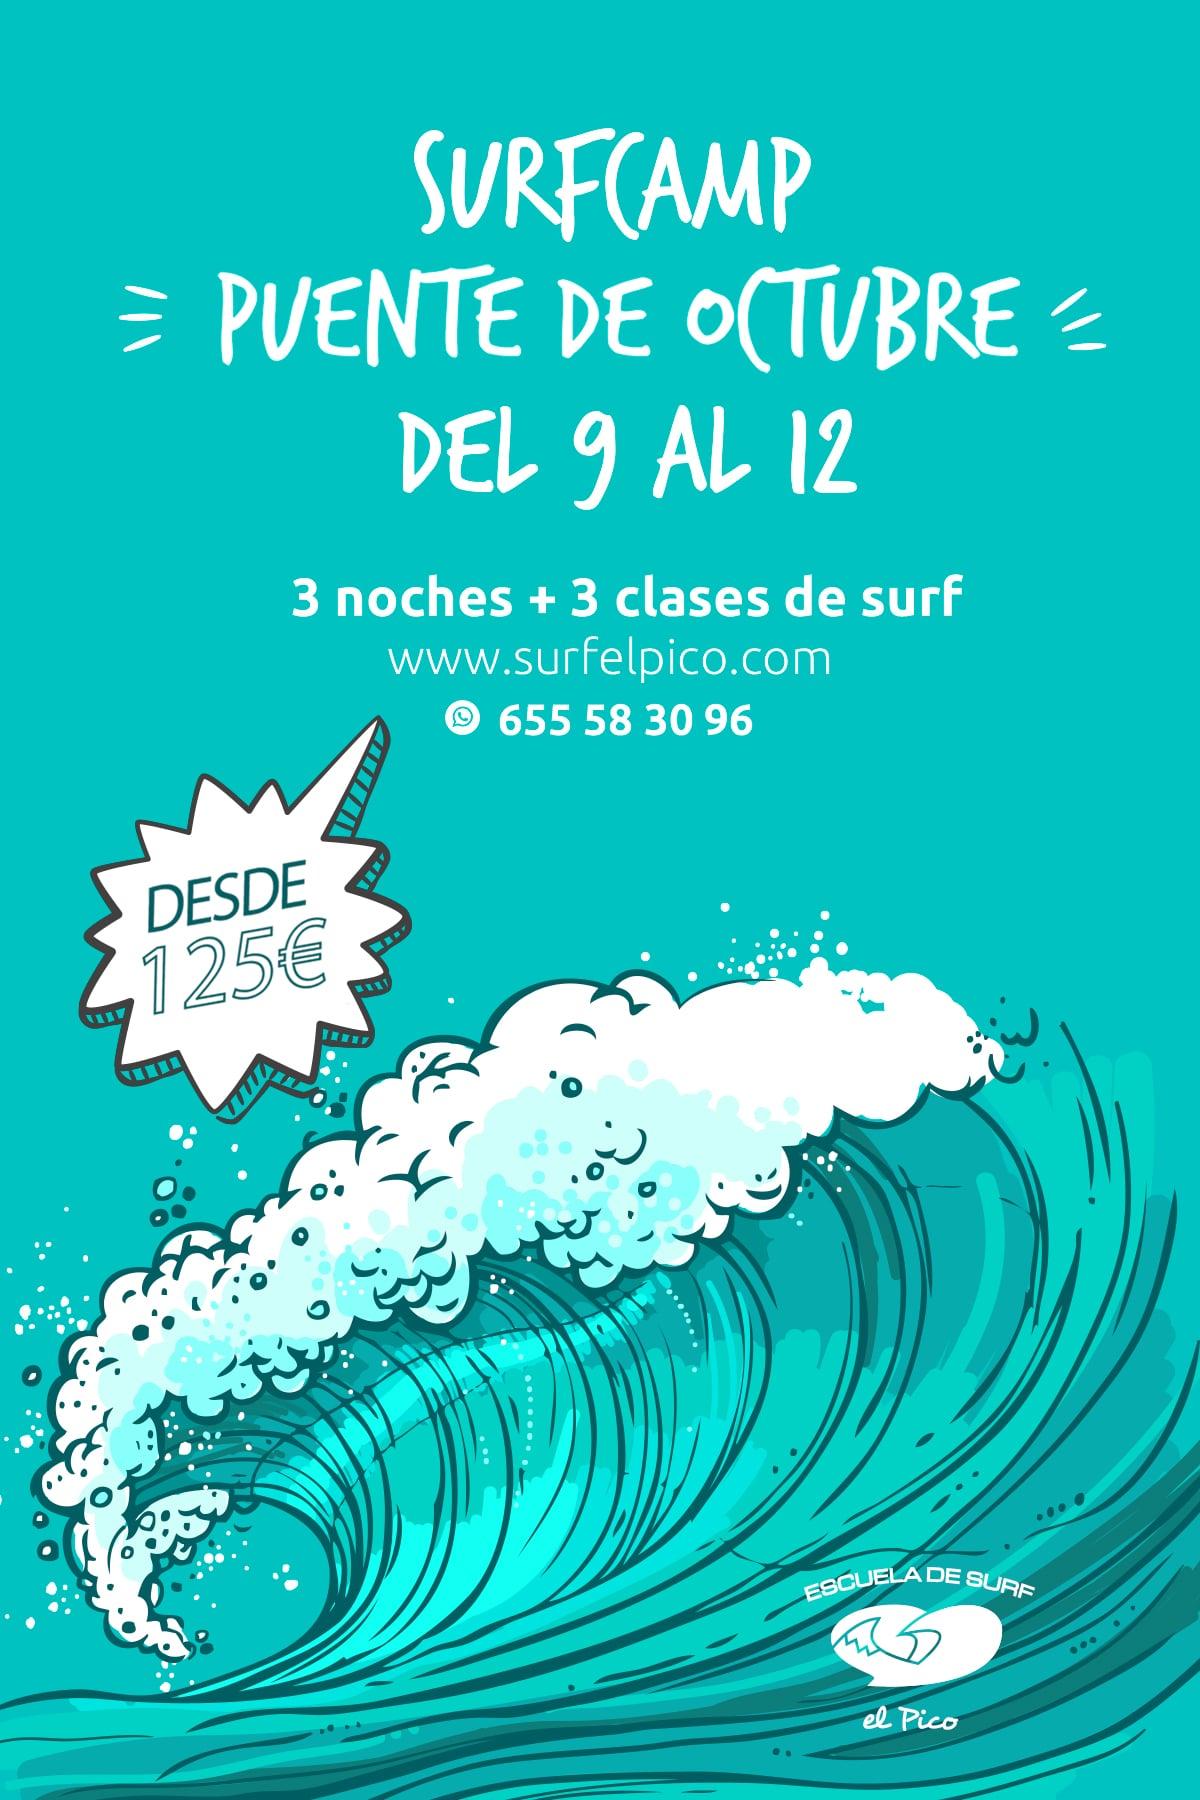 SURFCAMP PUENTE DE OCTUBRE 2020